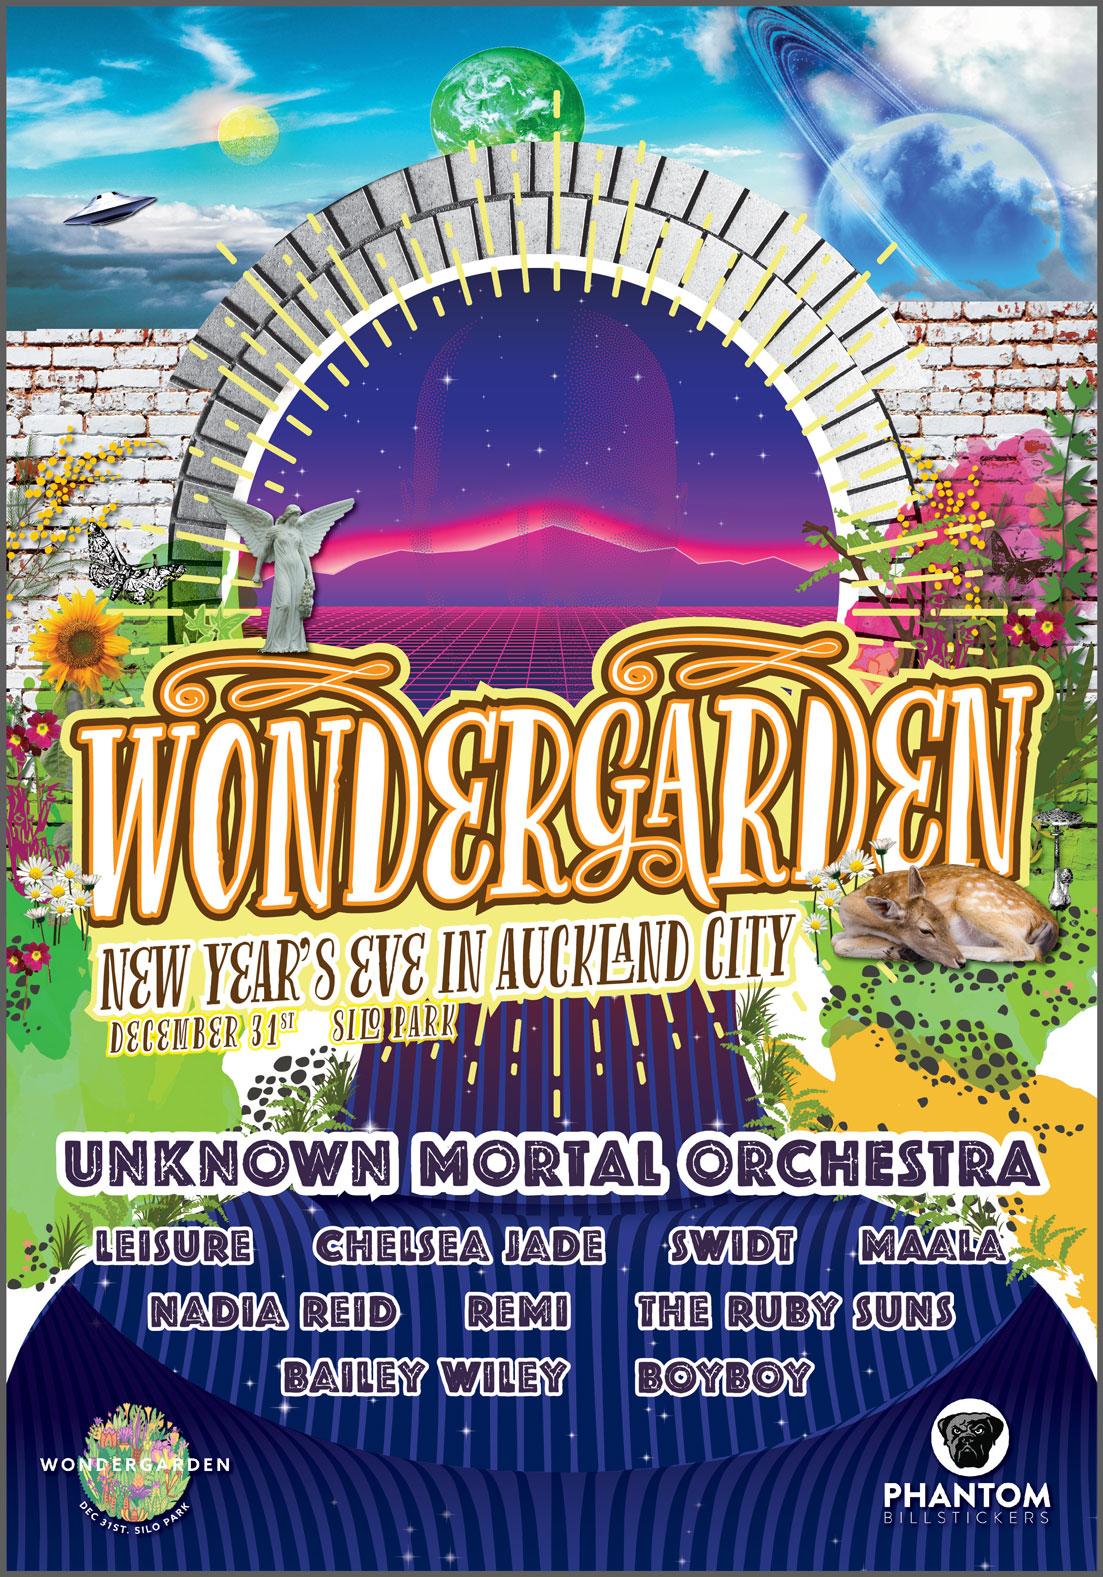 Wondergarden Poster Design